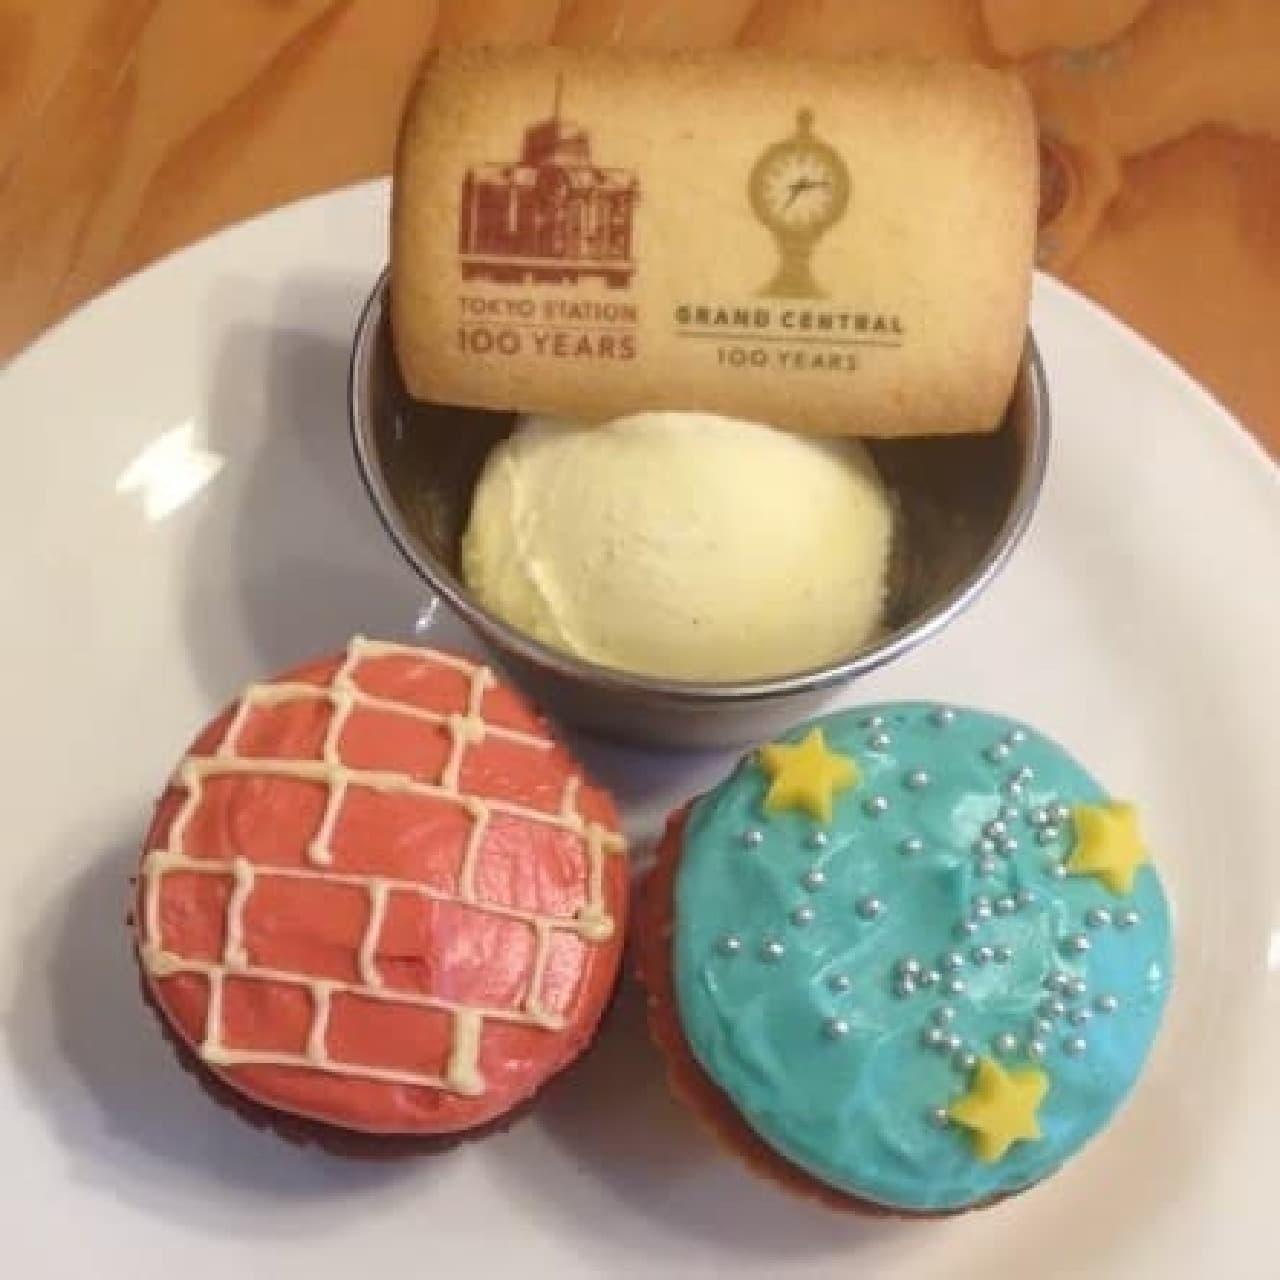 限定カップケーキがかわいい!東京駅100周年記念カフェ